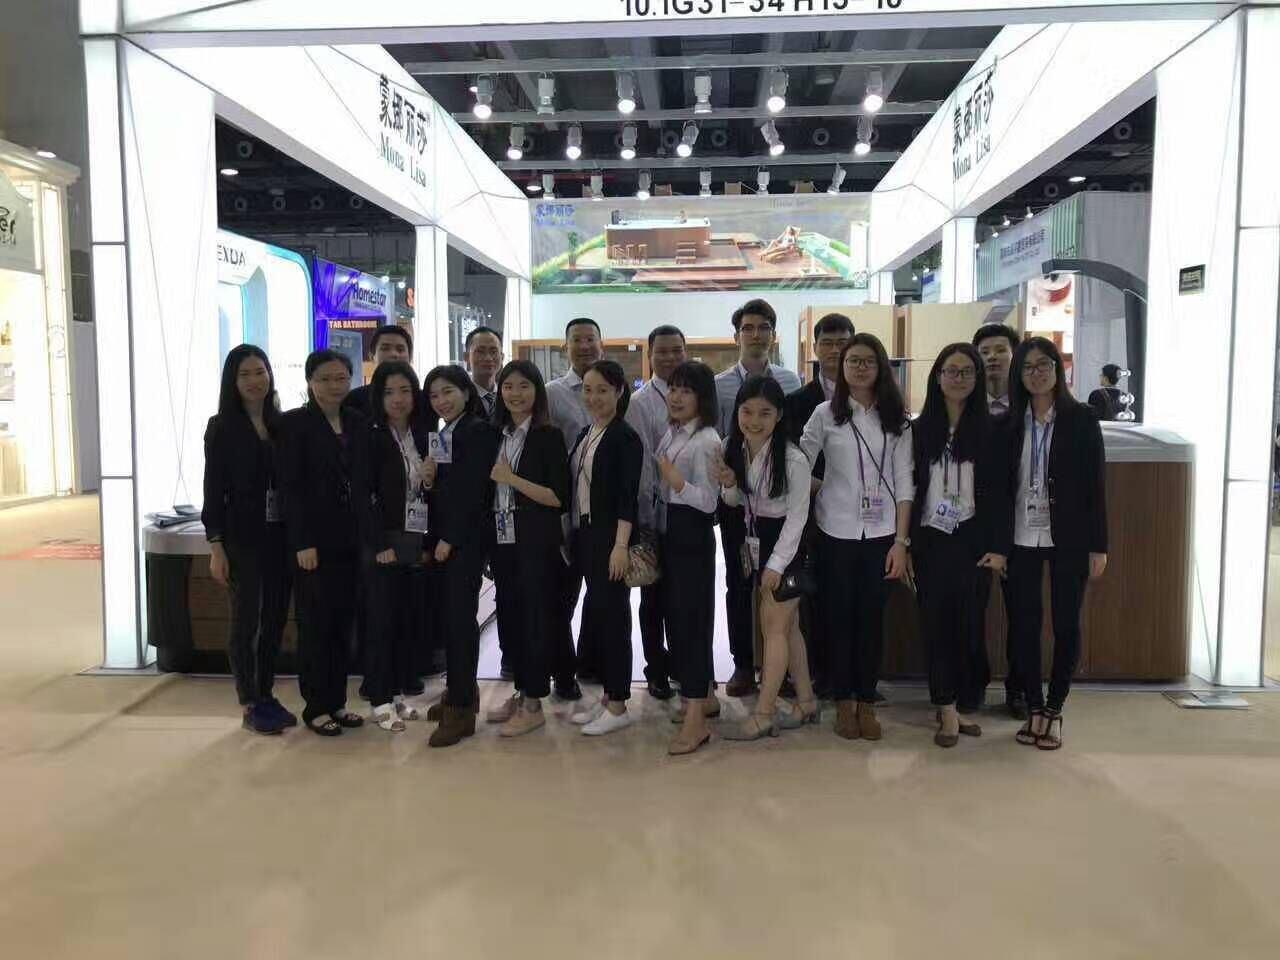 Guangzhou Monalisa In the 121th Canton Fair